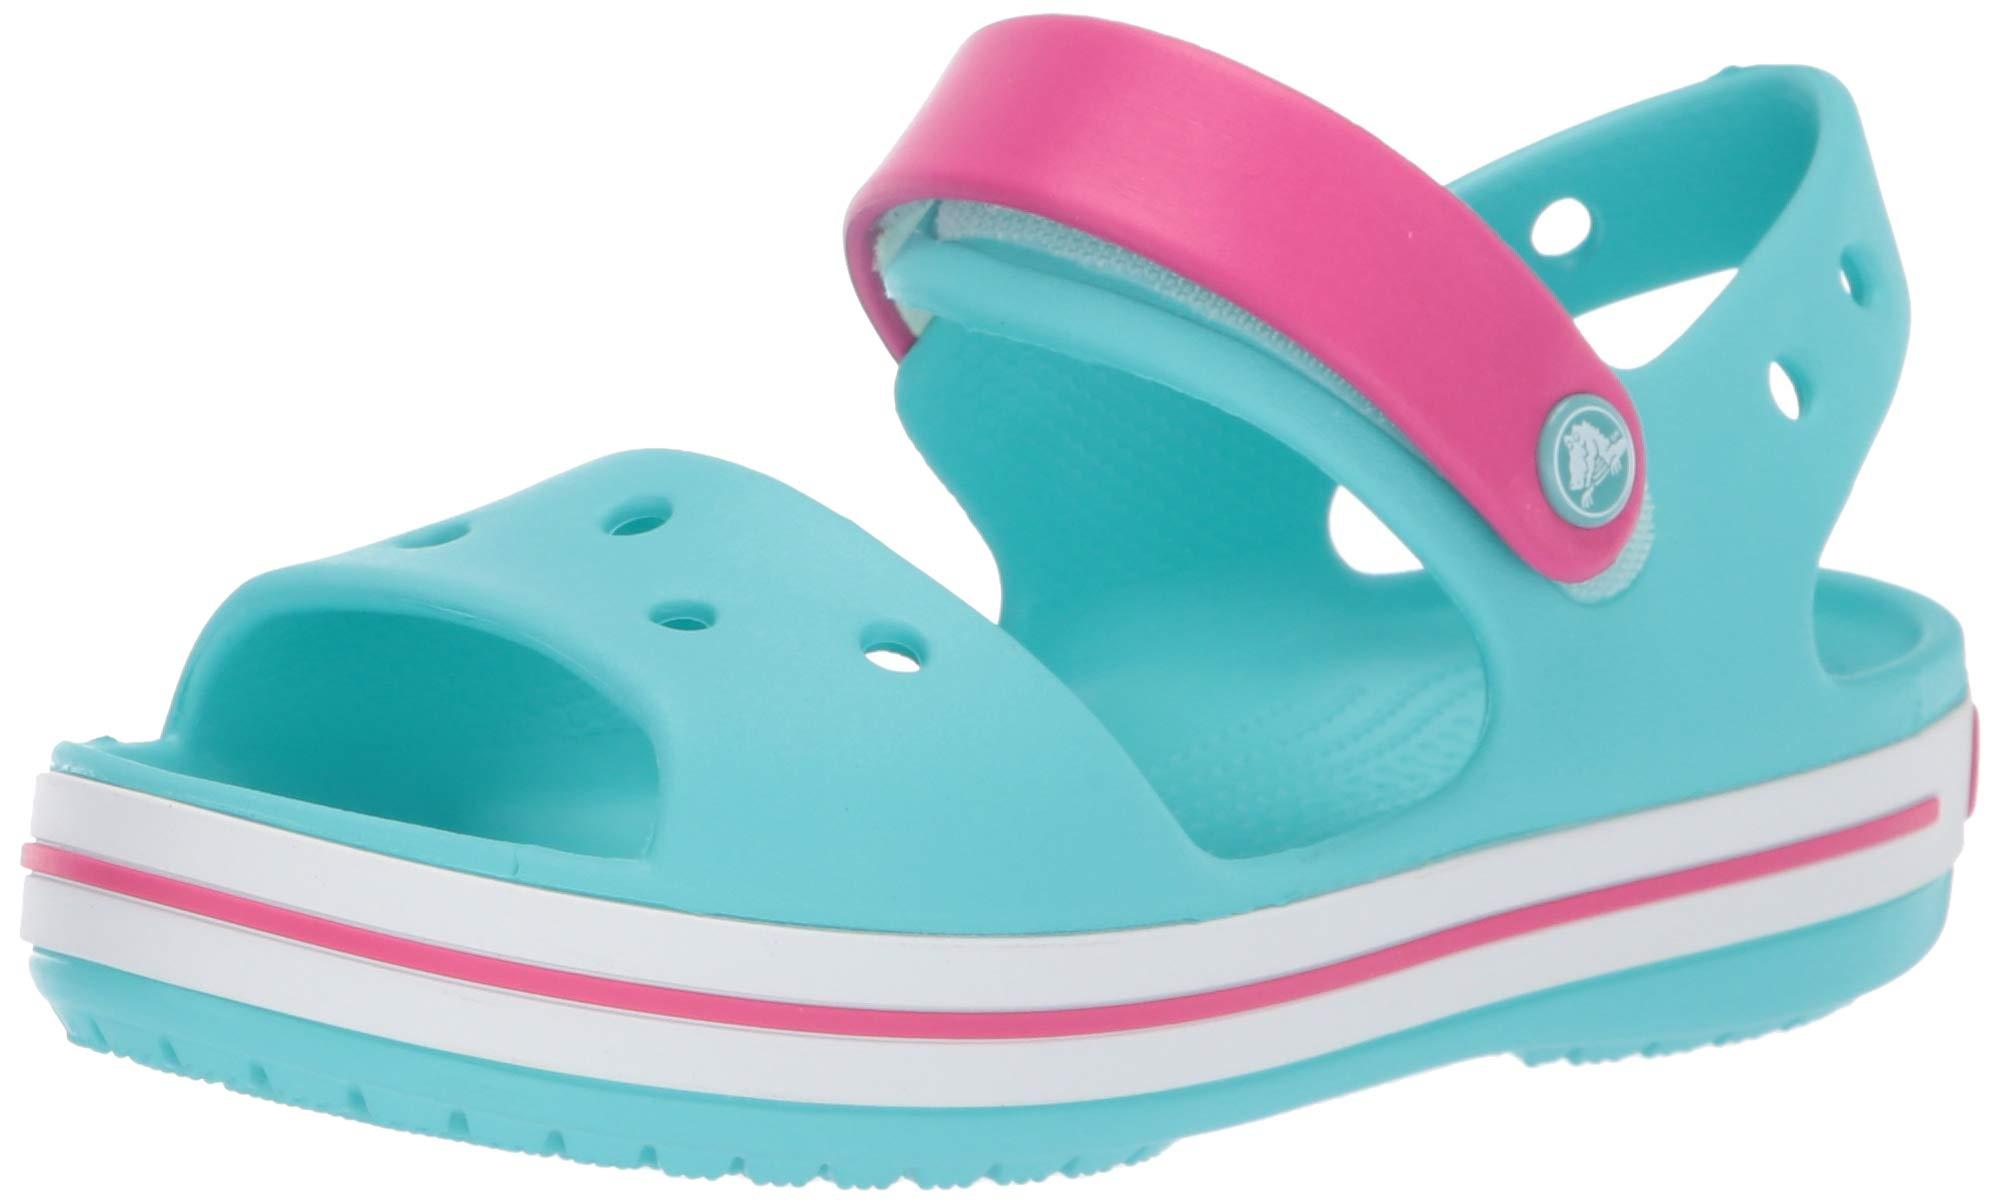 09c05c81 crocs Crocband Sandal Kids - Sandalias Deportivas de Material sintético  Infantil